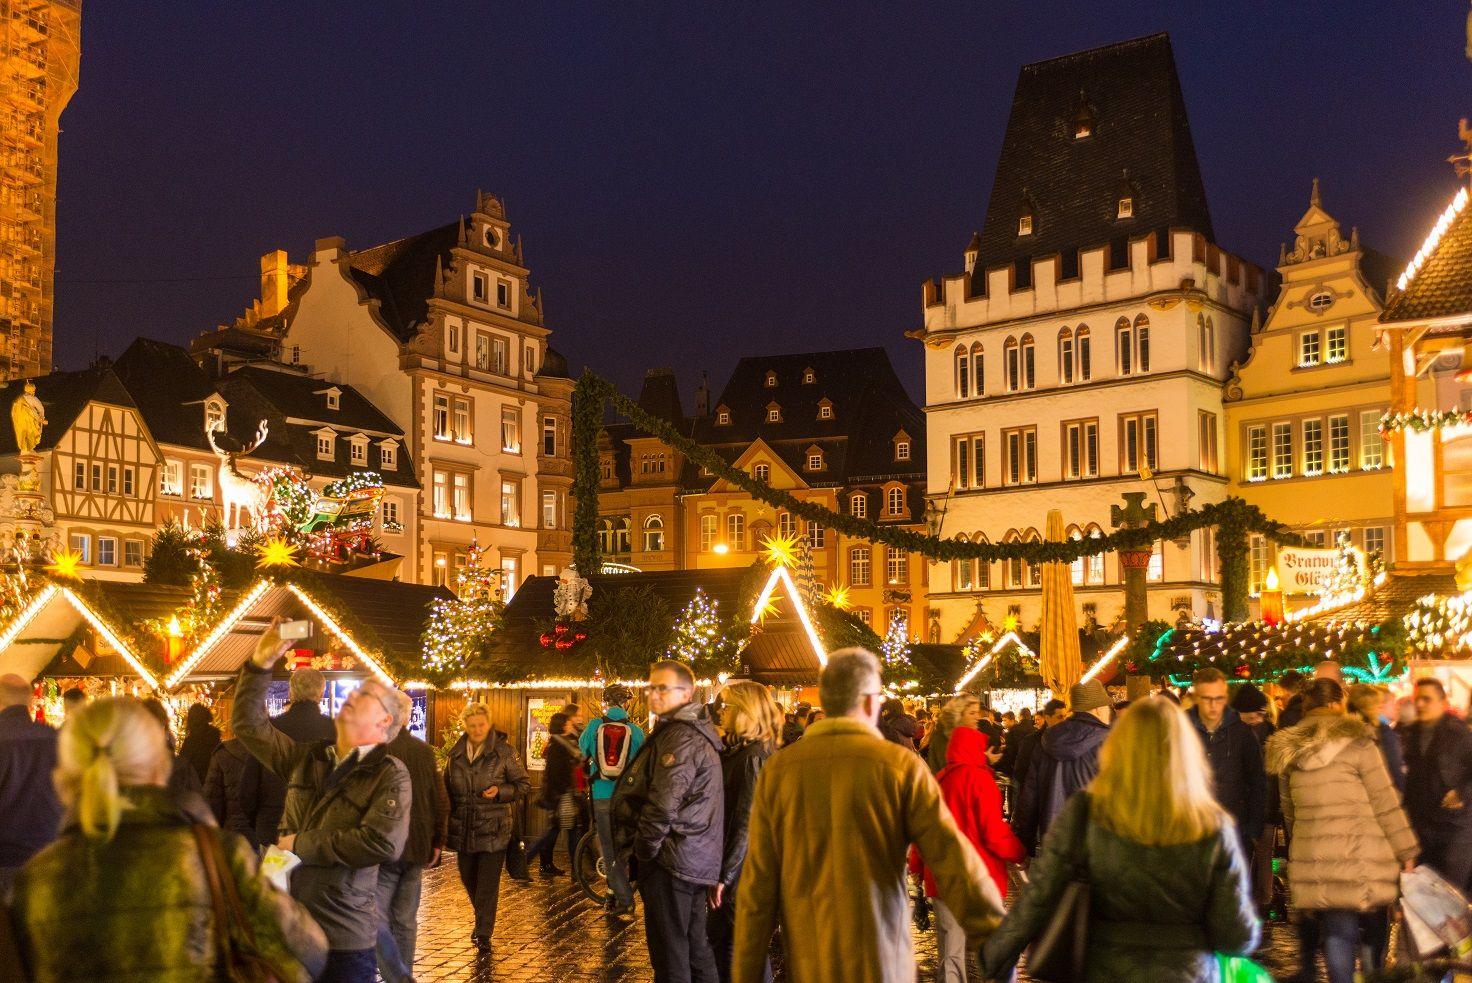 Weihnachtsmarkt In Trier.Trierer Weihnachtsmarkt